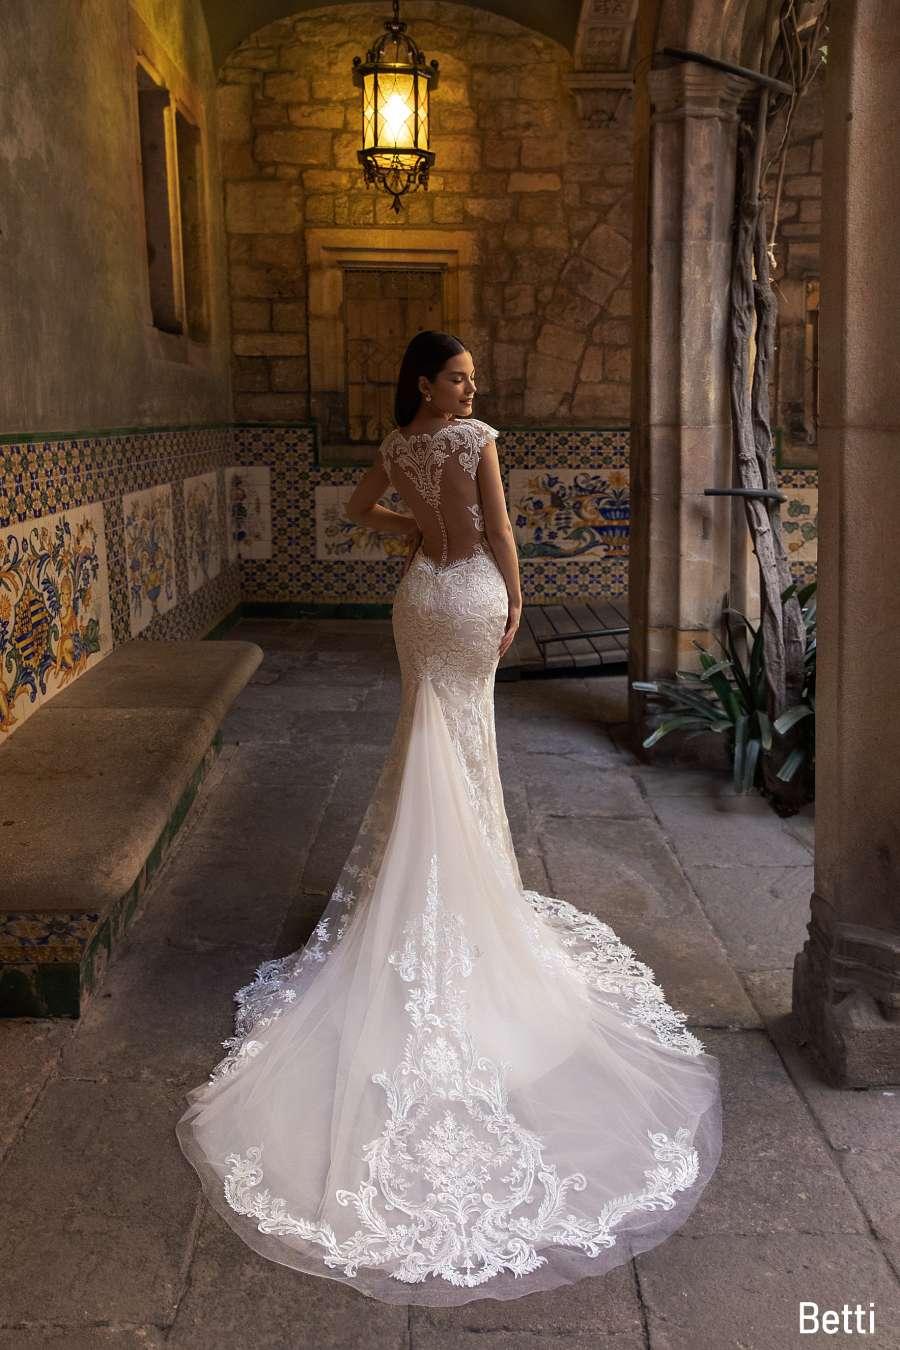 свадебное платье Betti_(3).900x900w